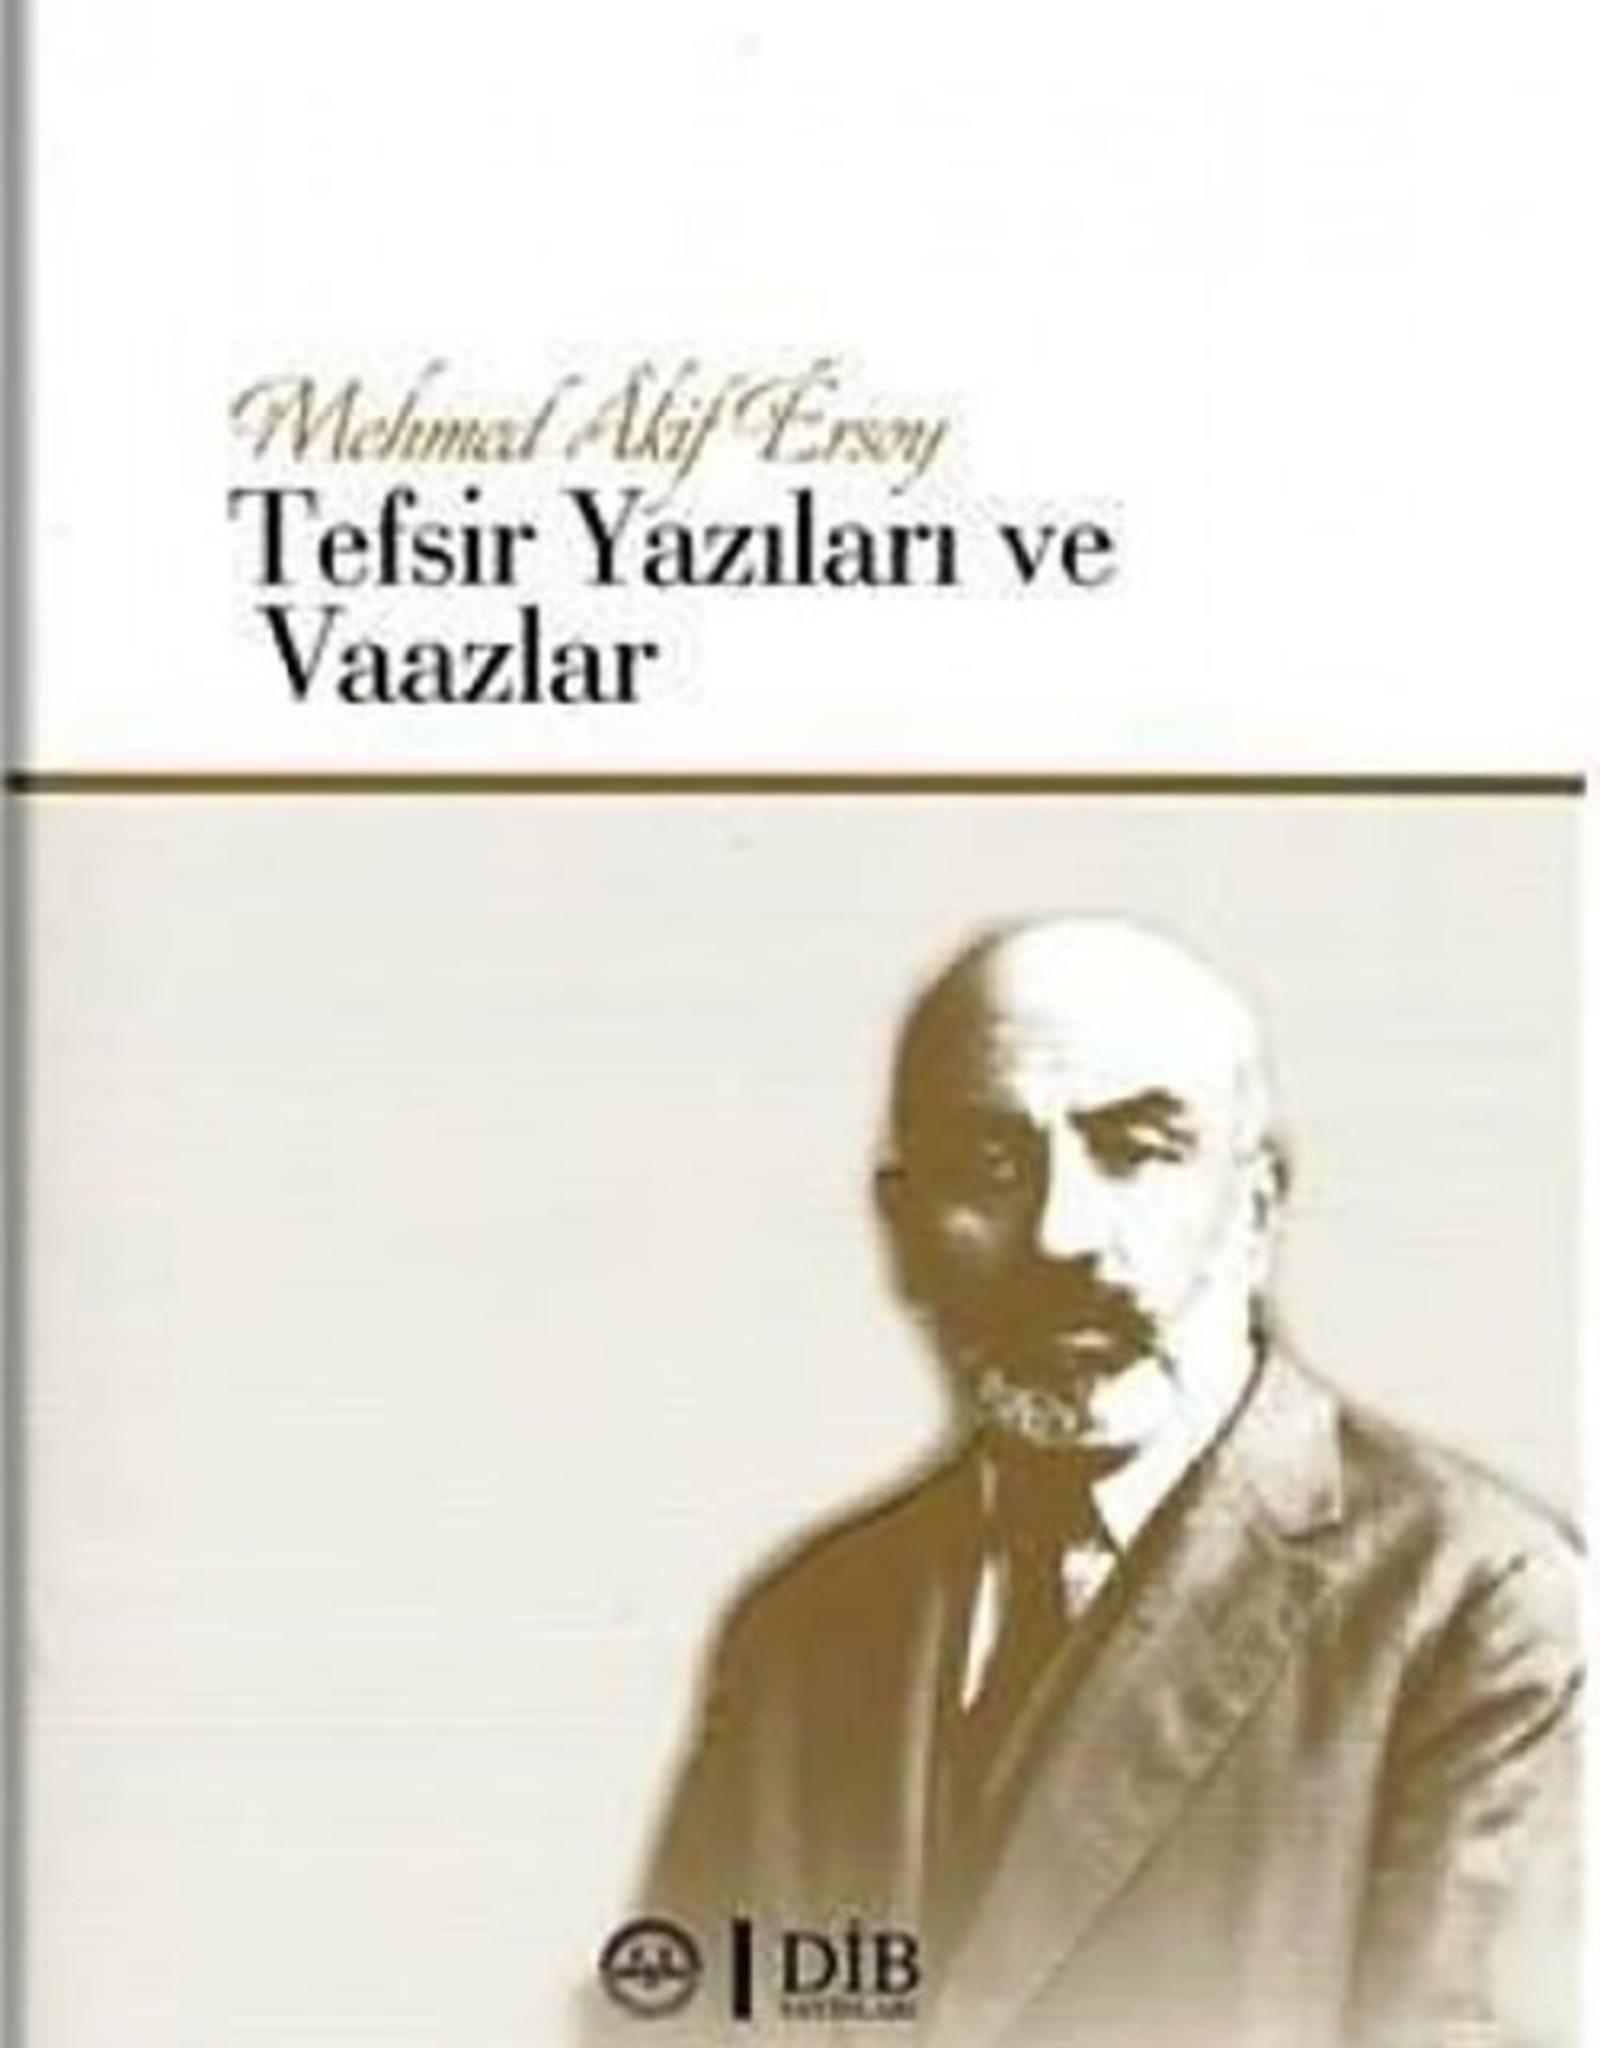 Mehmet Akif Ersoy Tefsir Yazıları ve Vaazları